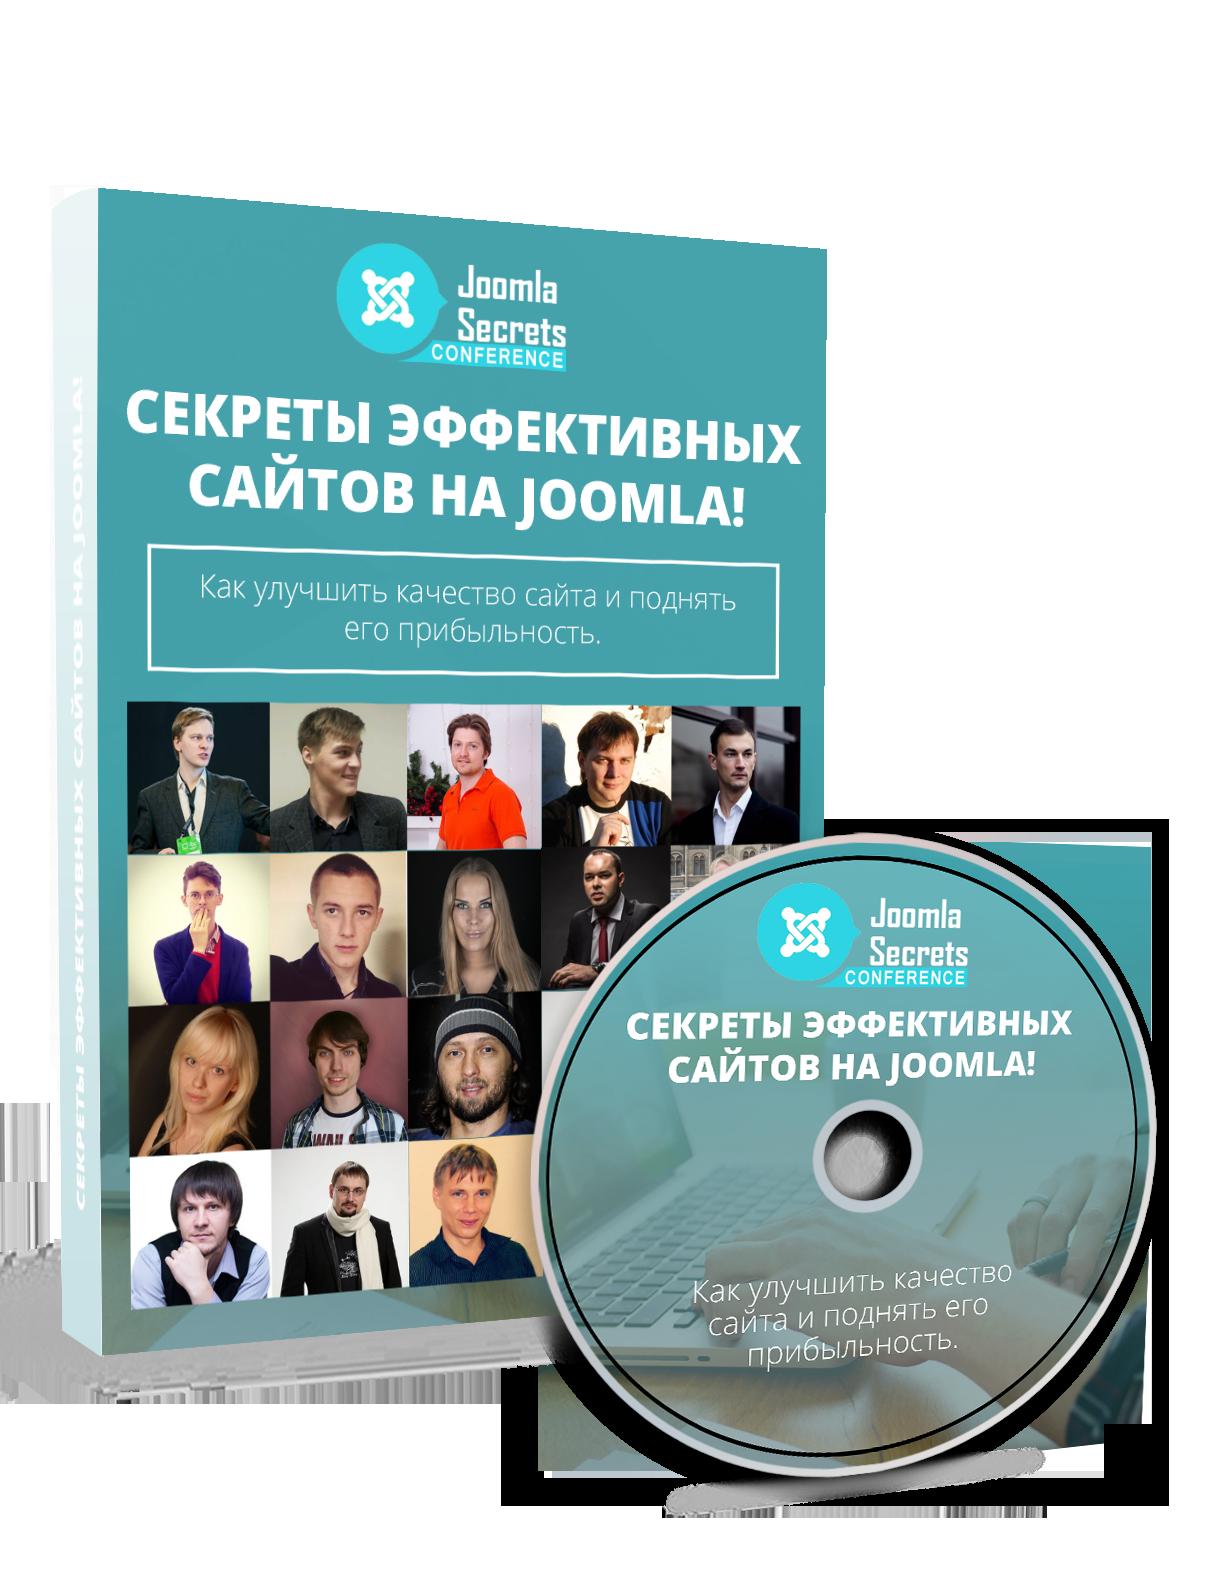 """66 (Демо) Онлайн-конференция """"Секреты эффективных сайтов на Joomla!"""" бесплатно"""